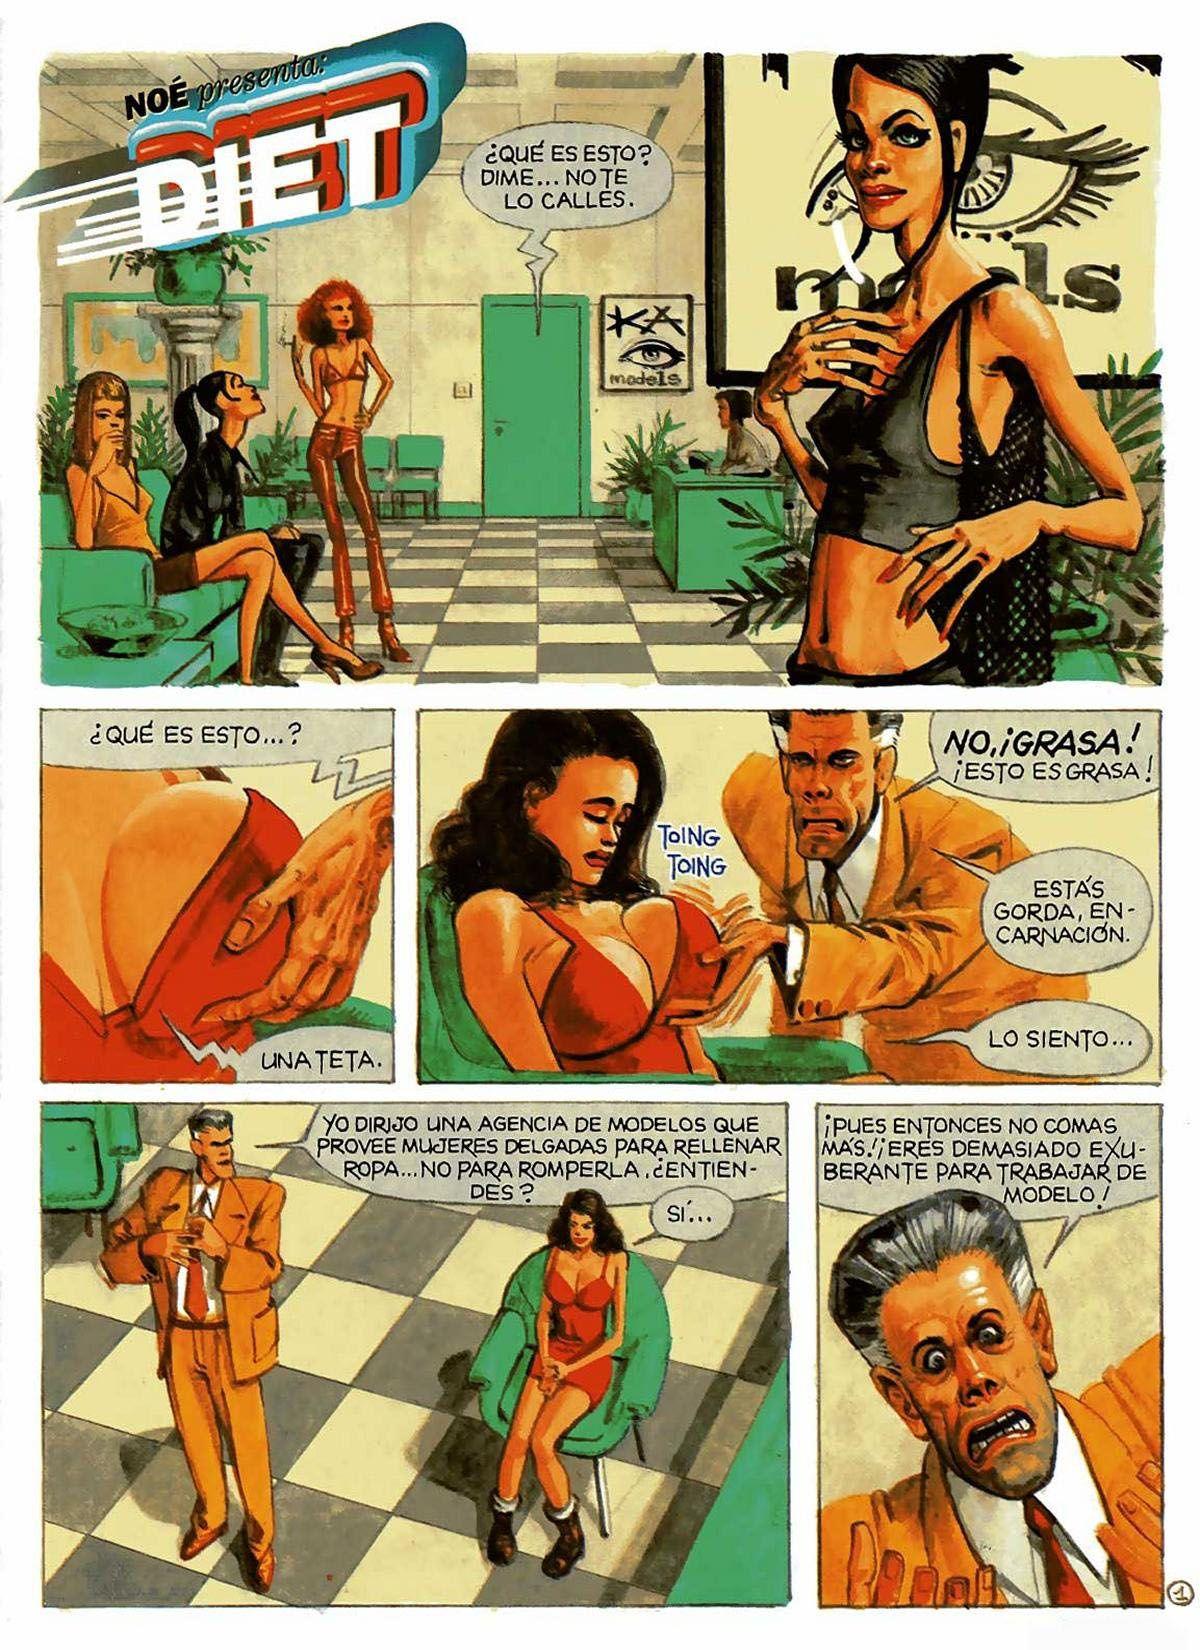 Coleccion X                                                                           La Cupula Nº 125 La Dieta [Eroticos Antiguos]